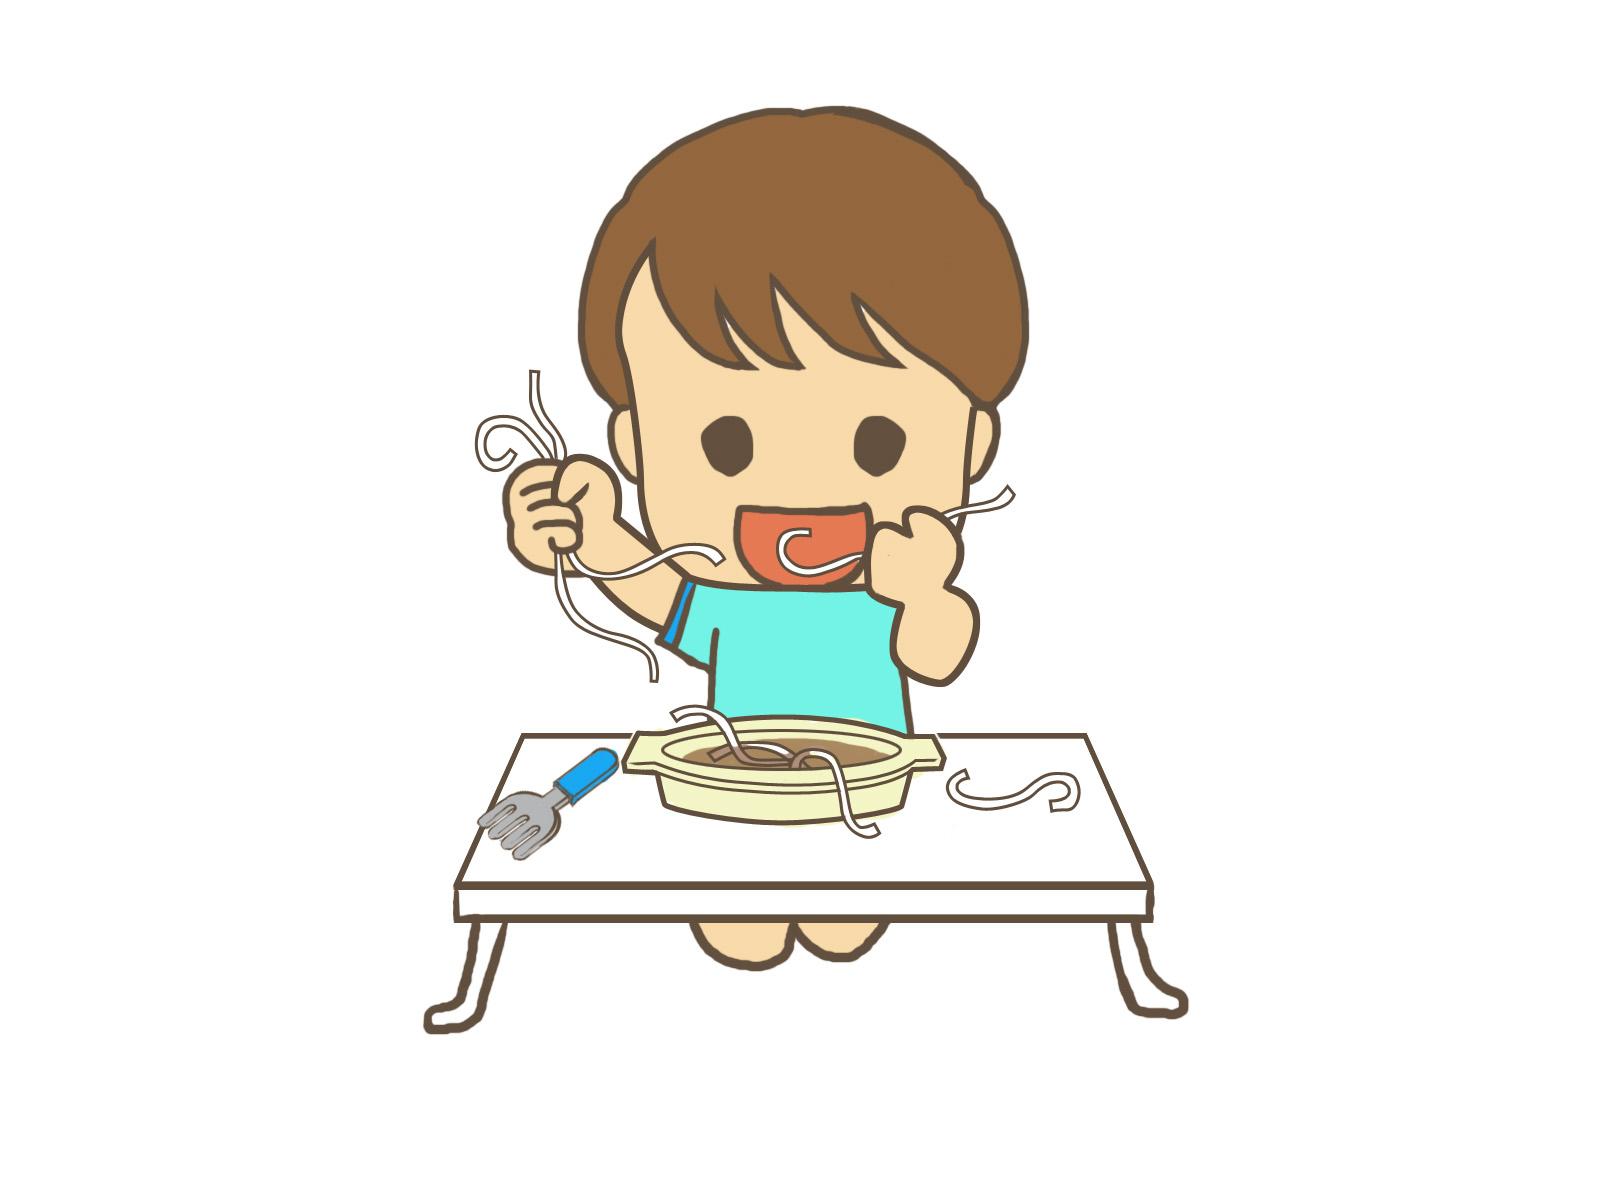 痛風と食事の関係